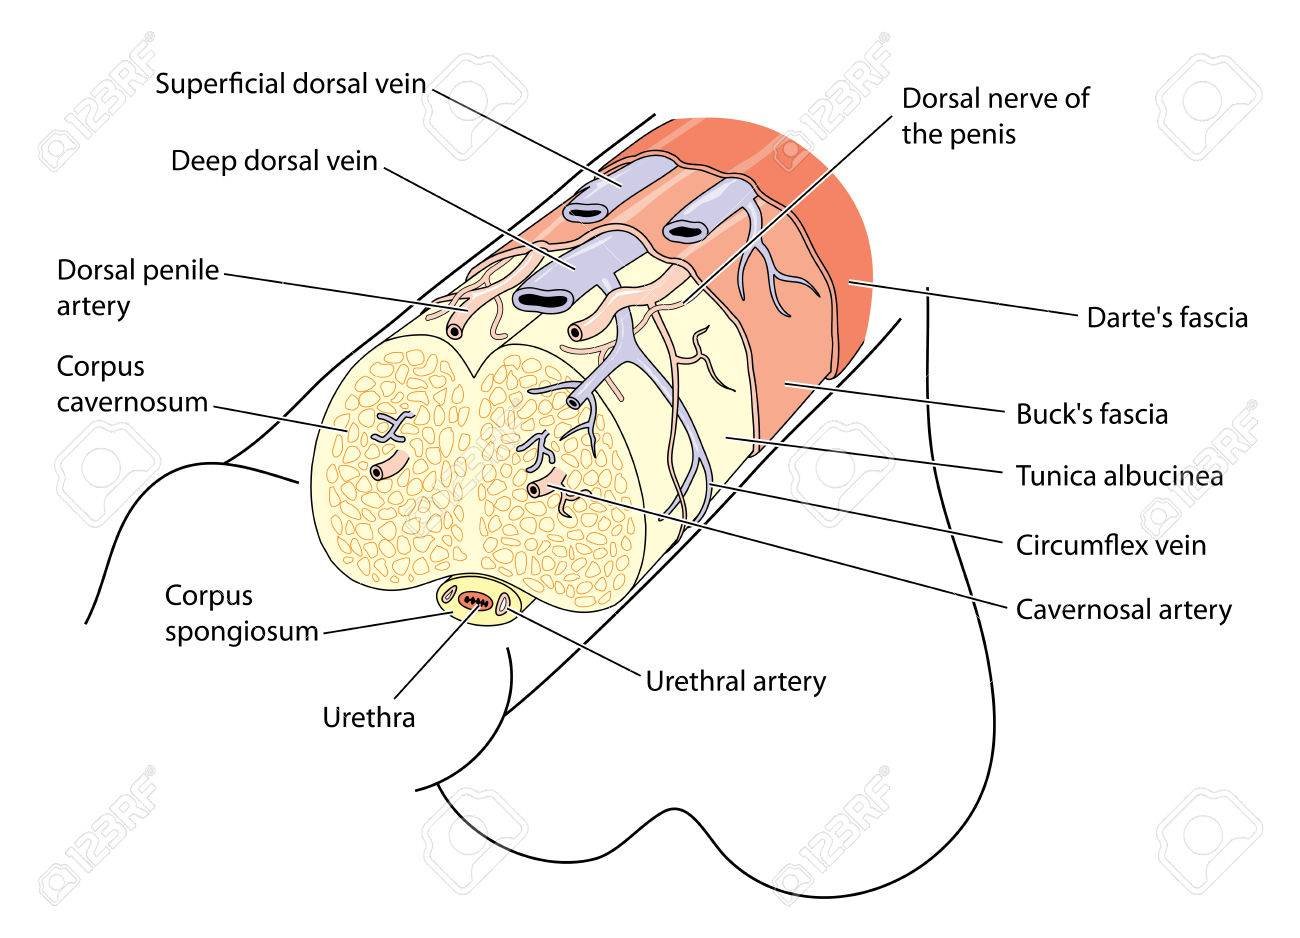 Anatomie Du Pénis Montrant Les Structures Principales, Les Vaisseaux ...